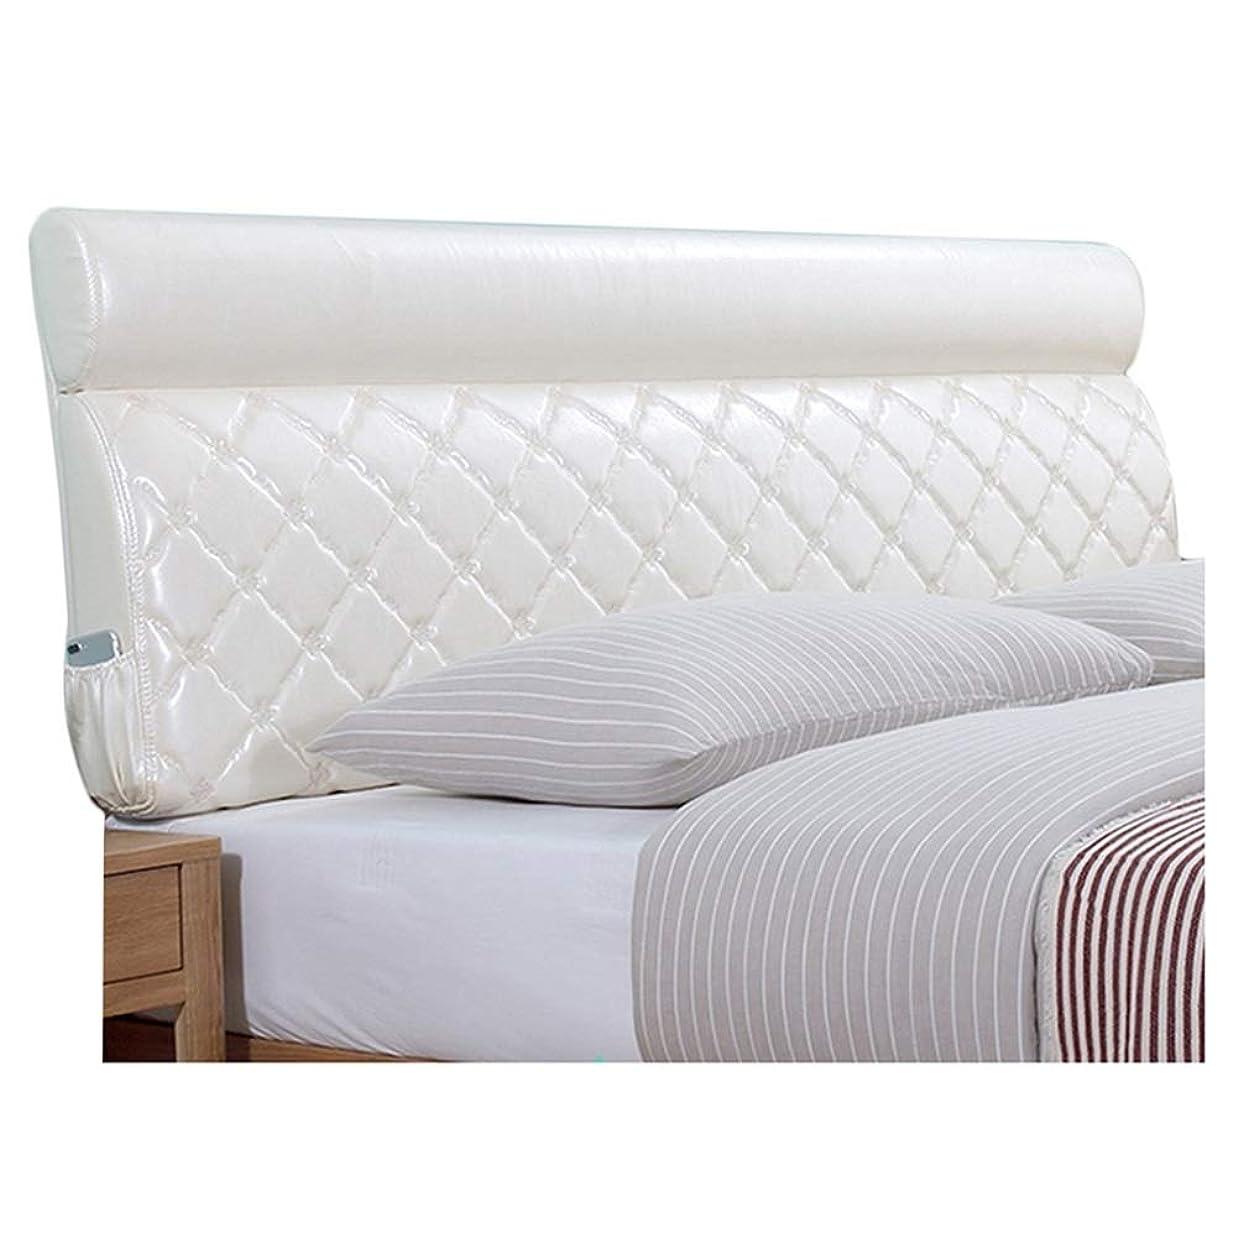 瞑想する優先倫理LIQICAI クッション ベッドの背もたれ ヘッドボードなしでベッドに合うように、 3色、 8サイズ (色 : 白, サイズ さいず : 190x12x60cm)